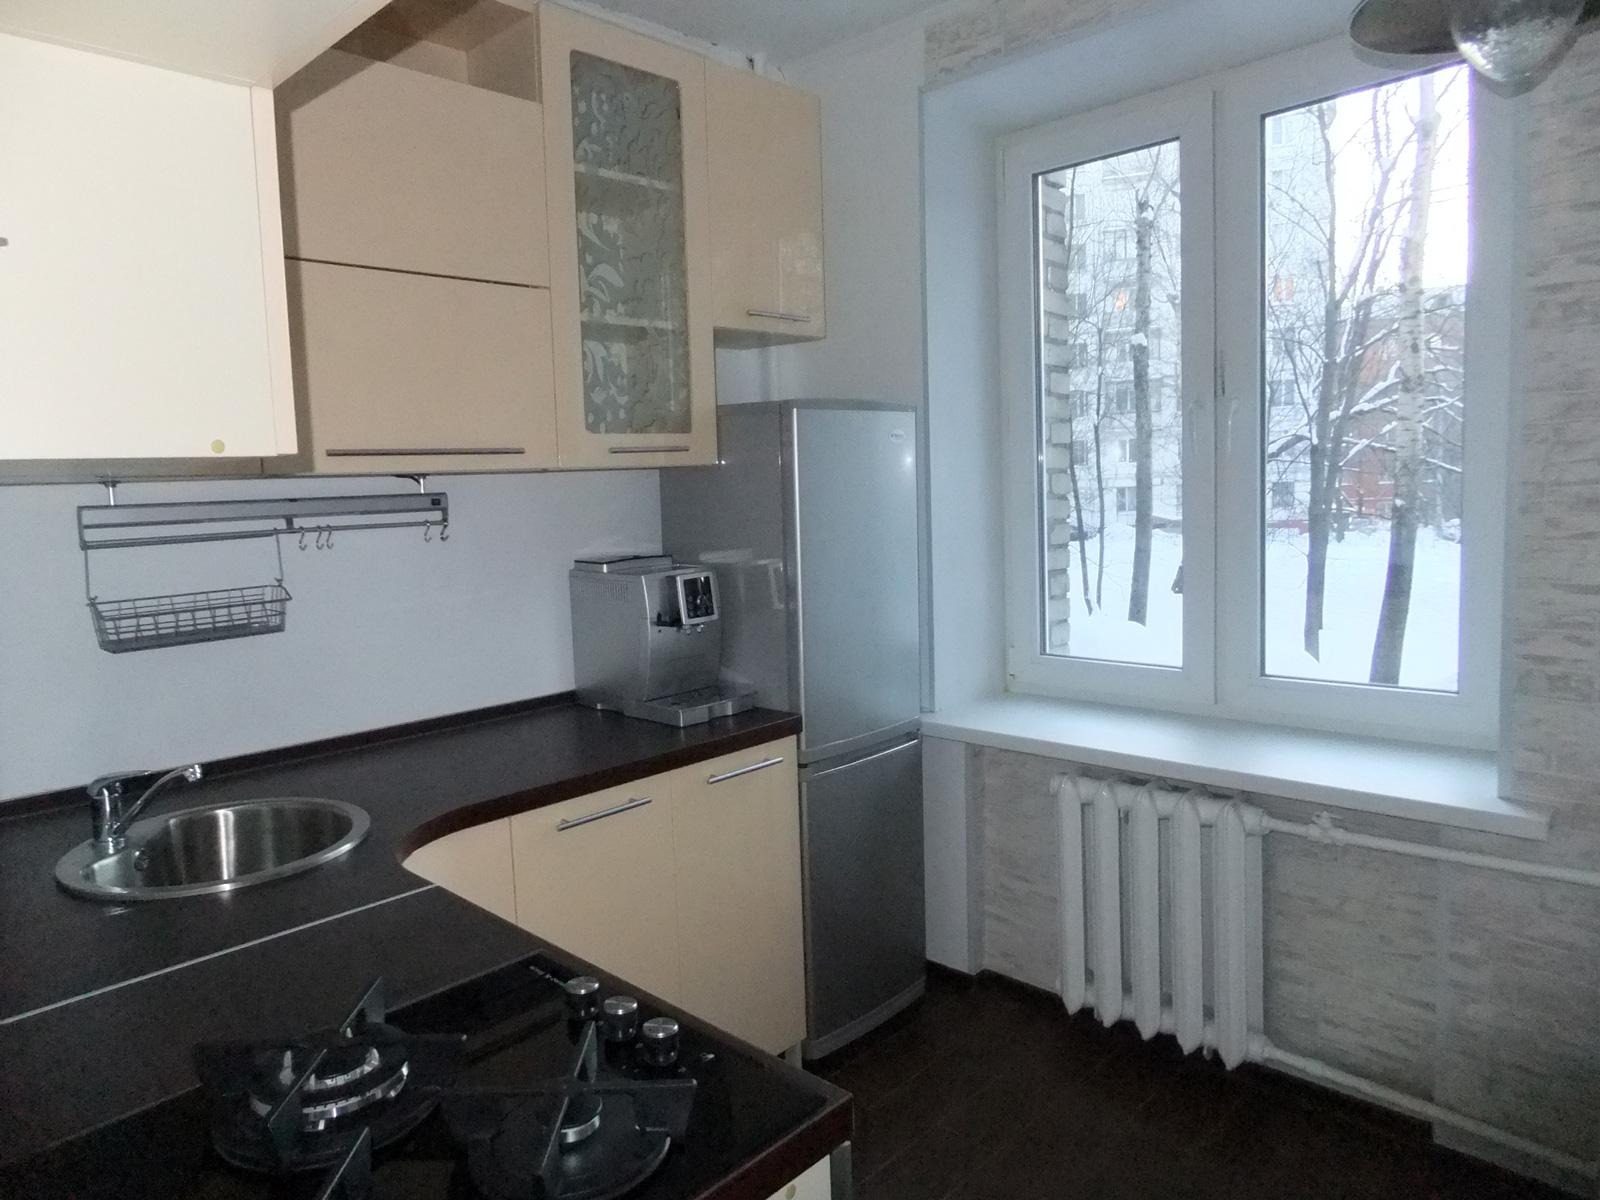 обои в кухни в хрущевке фото до и после 6 кв.м